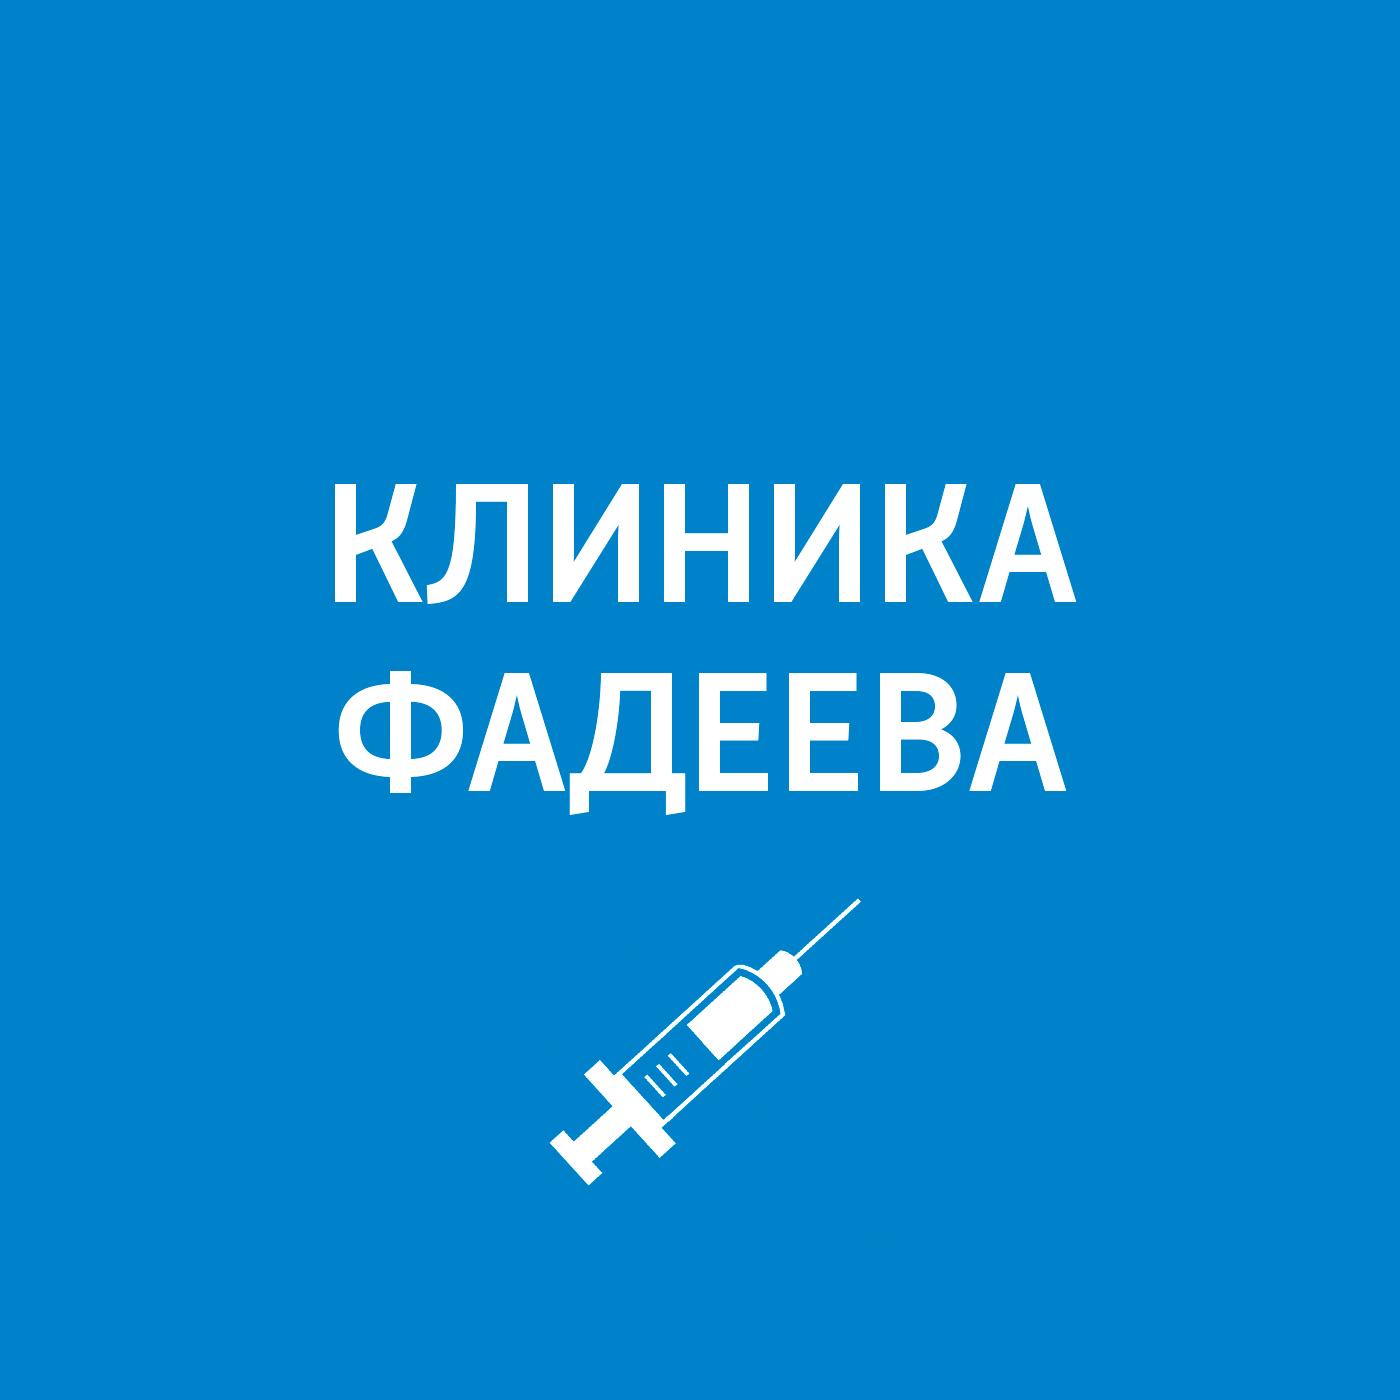 Пётр Фадеев Эндокринология пётр фадеев кинезиолог остеопат